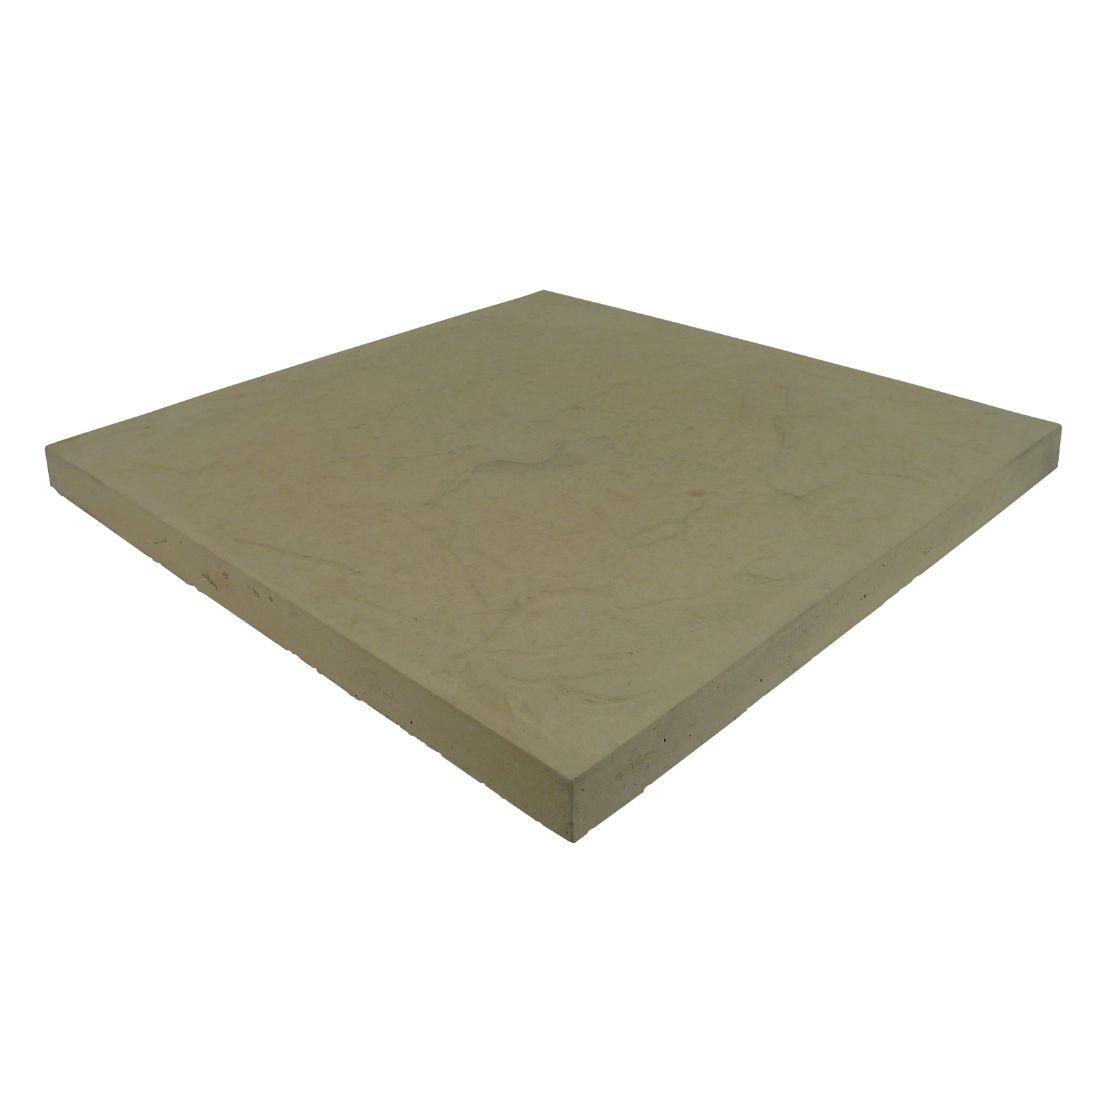 Romani Concrete Paver 450 x 450 x 37mm Cream Sands